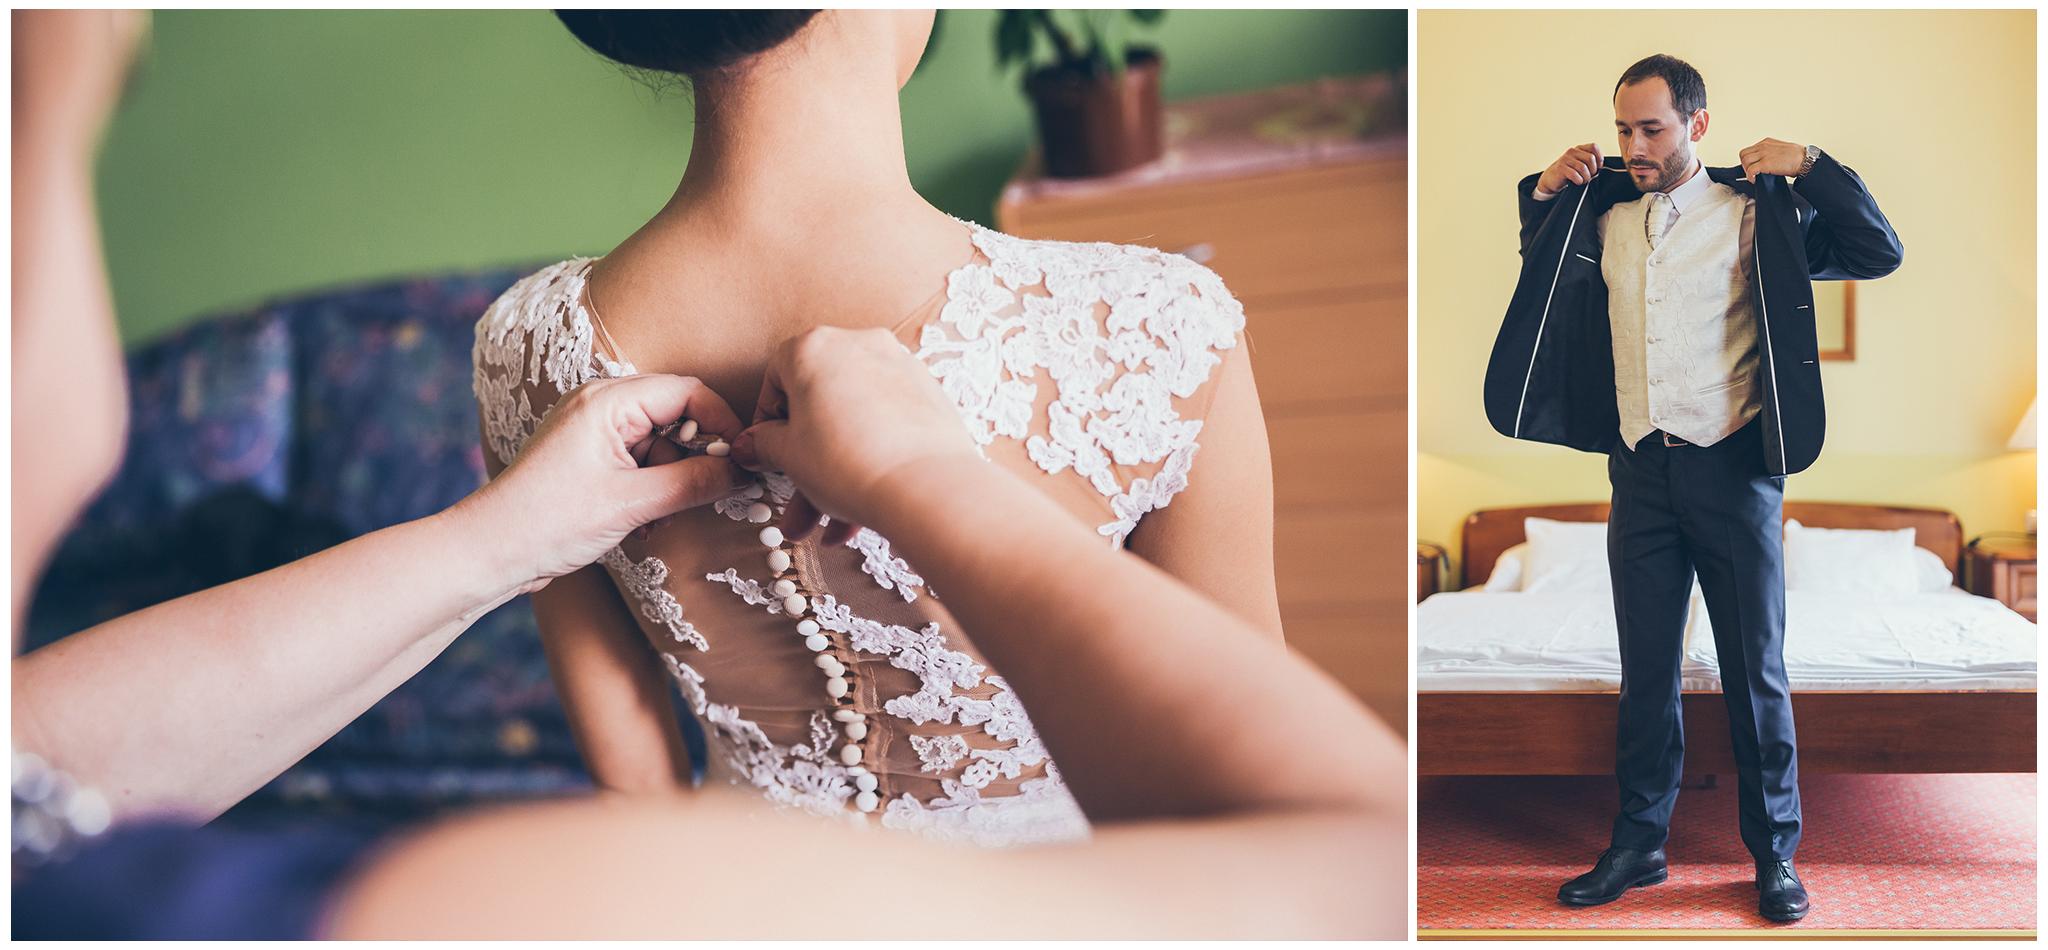 FylepPhoto, esküvőfotós, esküvői fotós Körmend, Szombathely, esküvőfotózás, magyarország, vas megye, prémium, jegyesfotózás, Fülöp Péter, körmend, kreatív, fotográfus_011.jpg